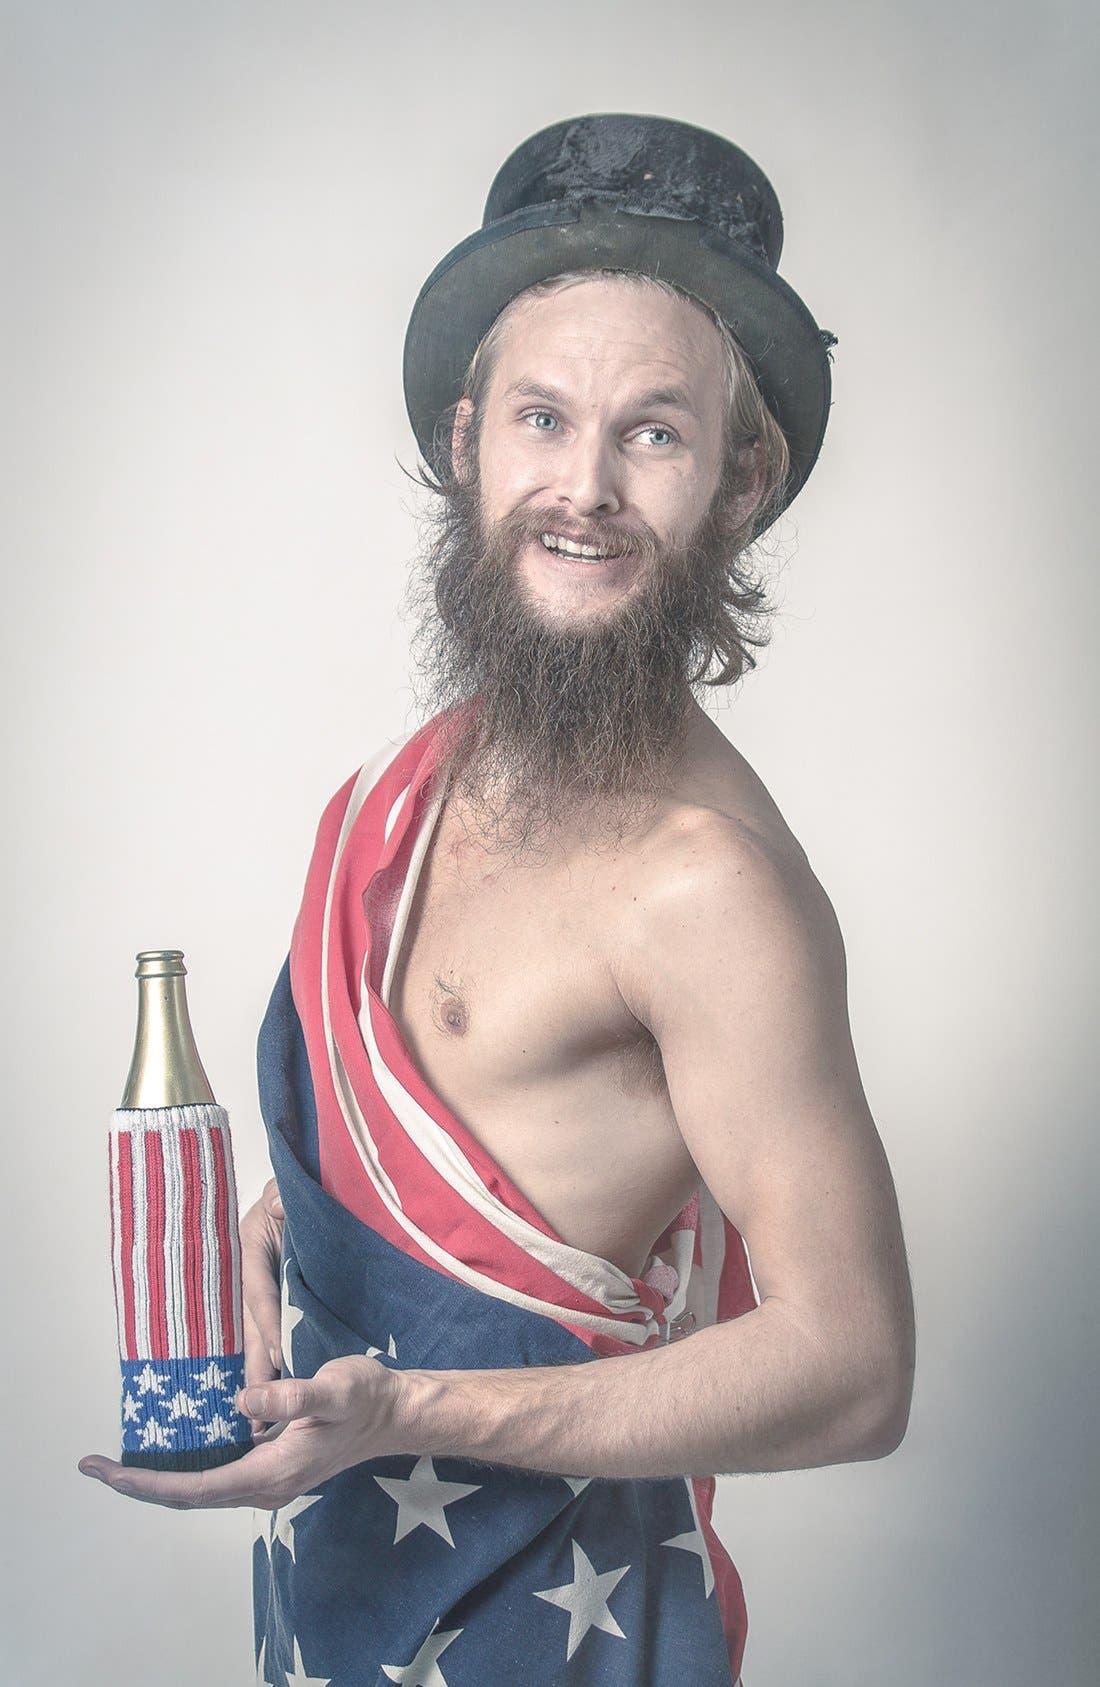 Alternate Image 2  - Freaker 'Baberaham Lincoln' Bottle Insulator